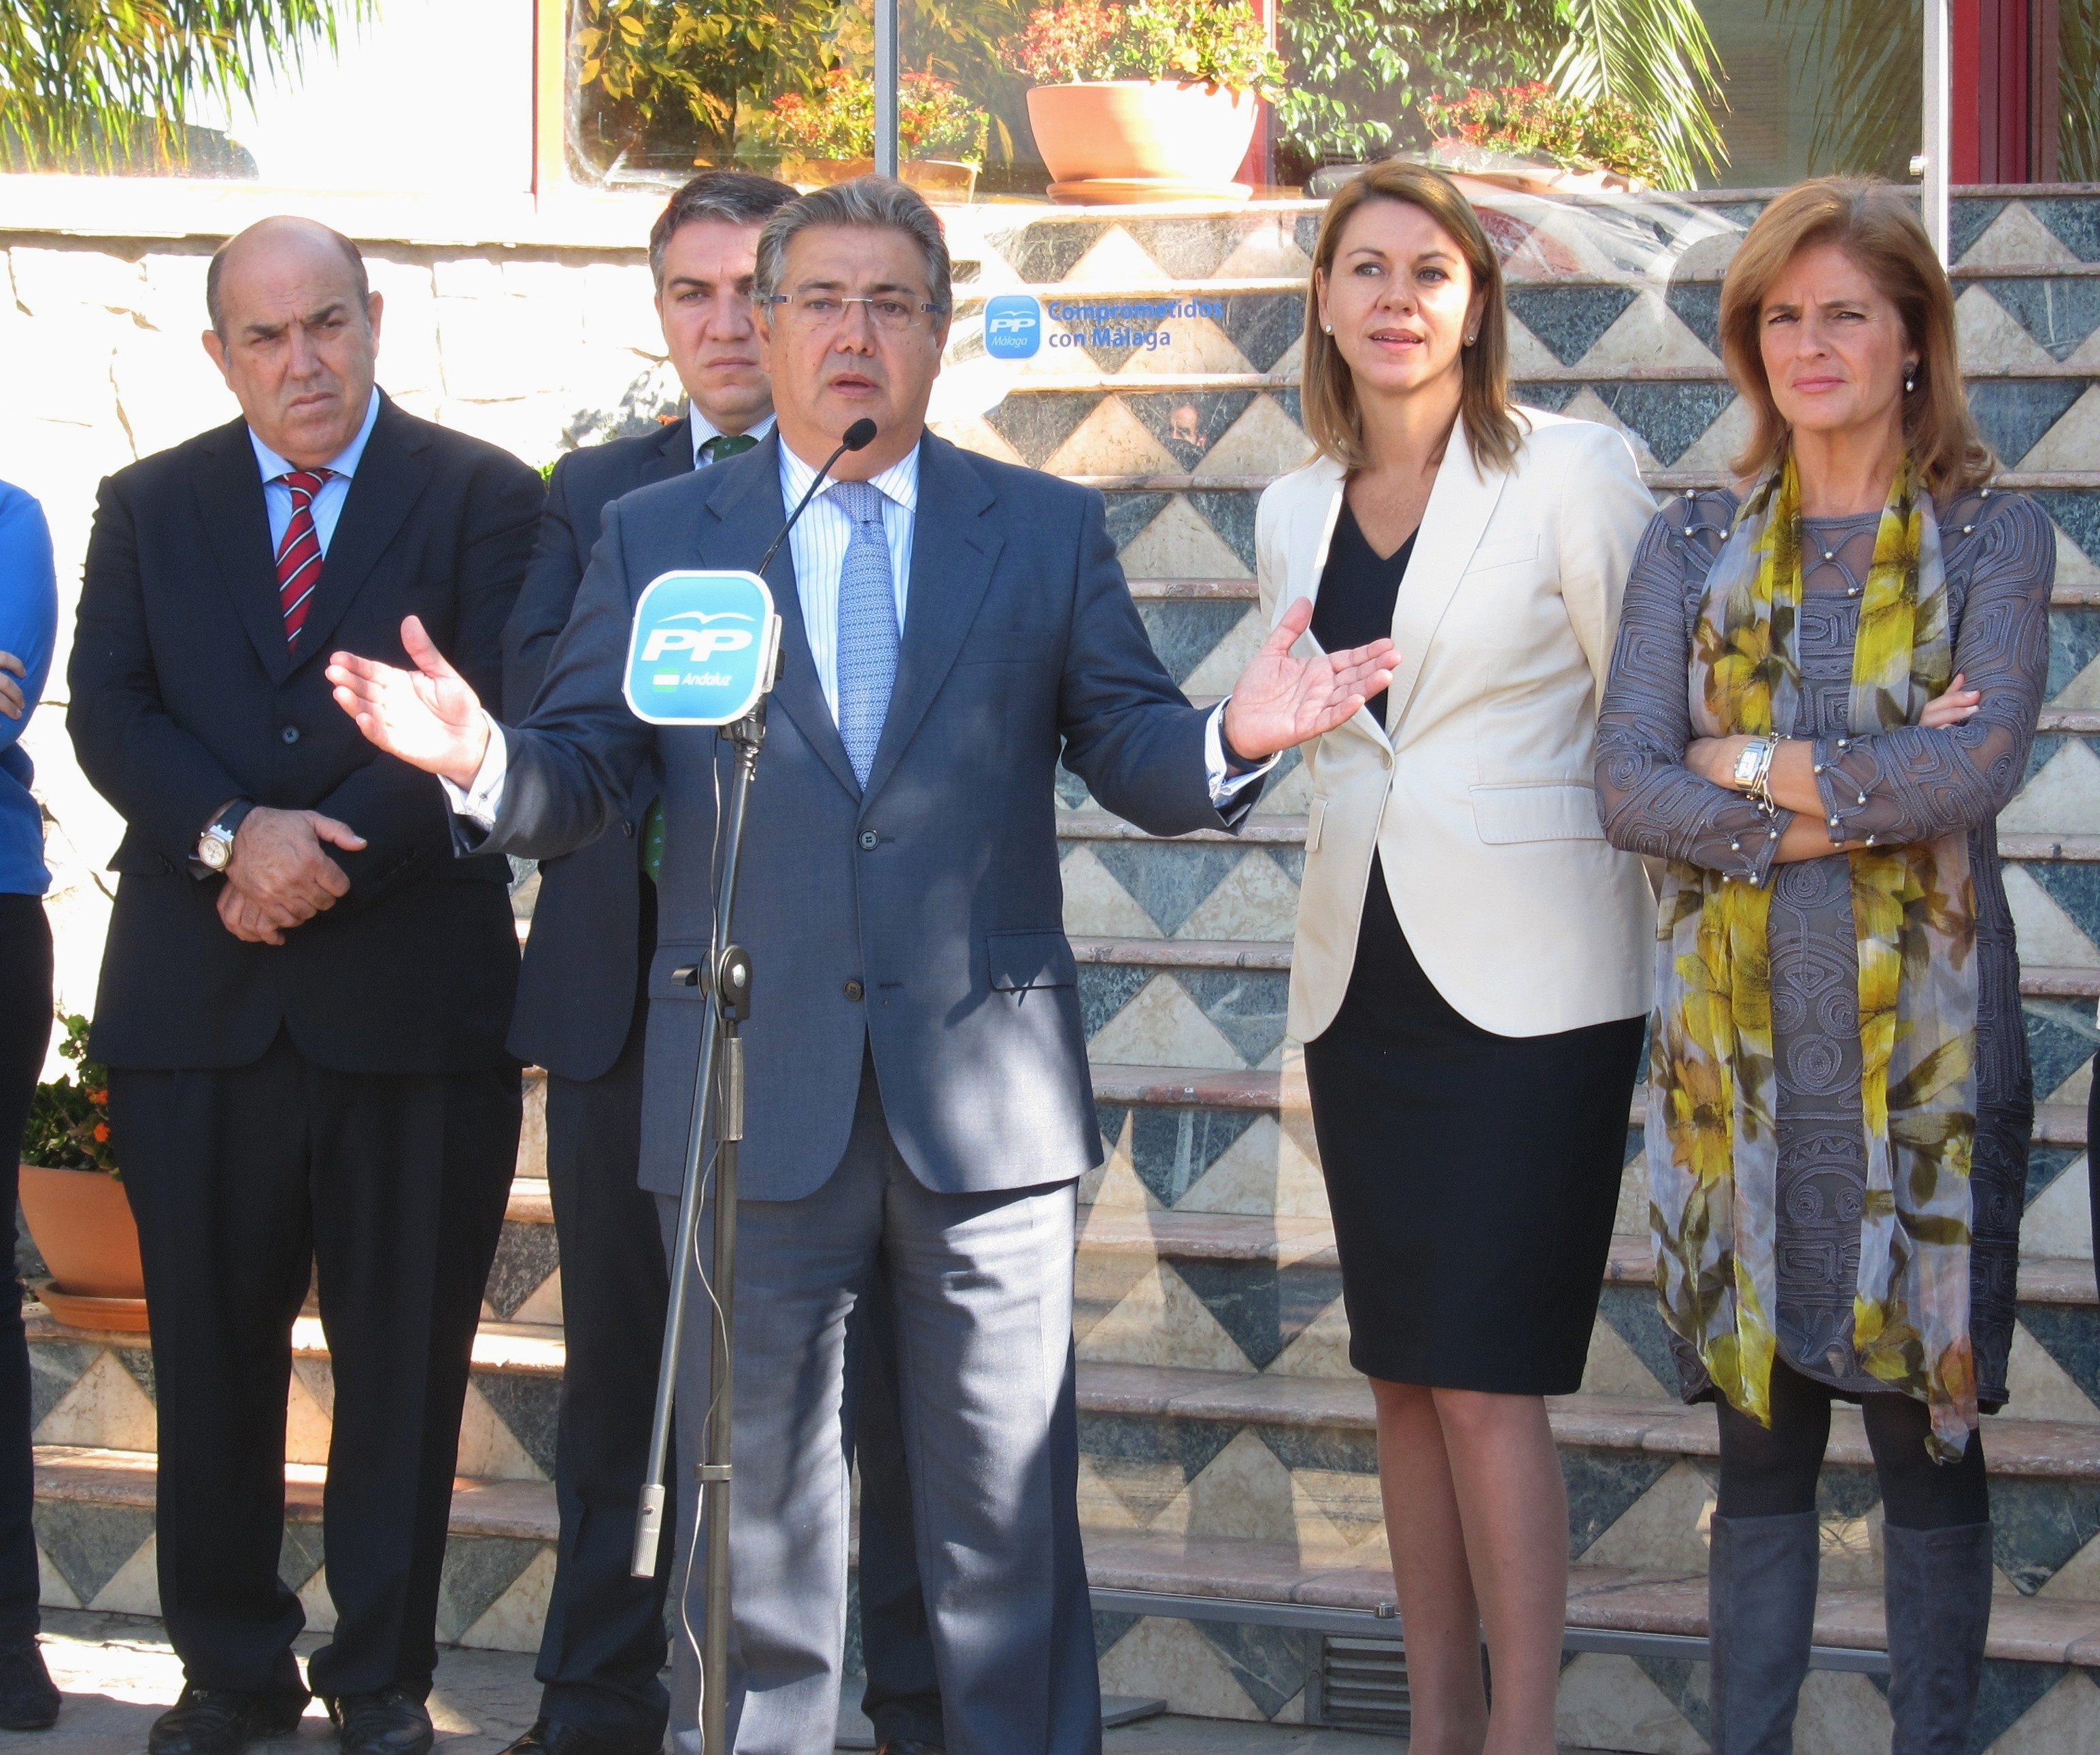 Dirigentes del PP piden adelantar la designación del candidato en Andalucía por si Griñán anticipa las elecciones